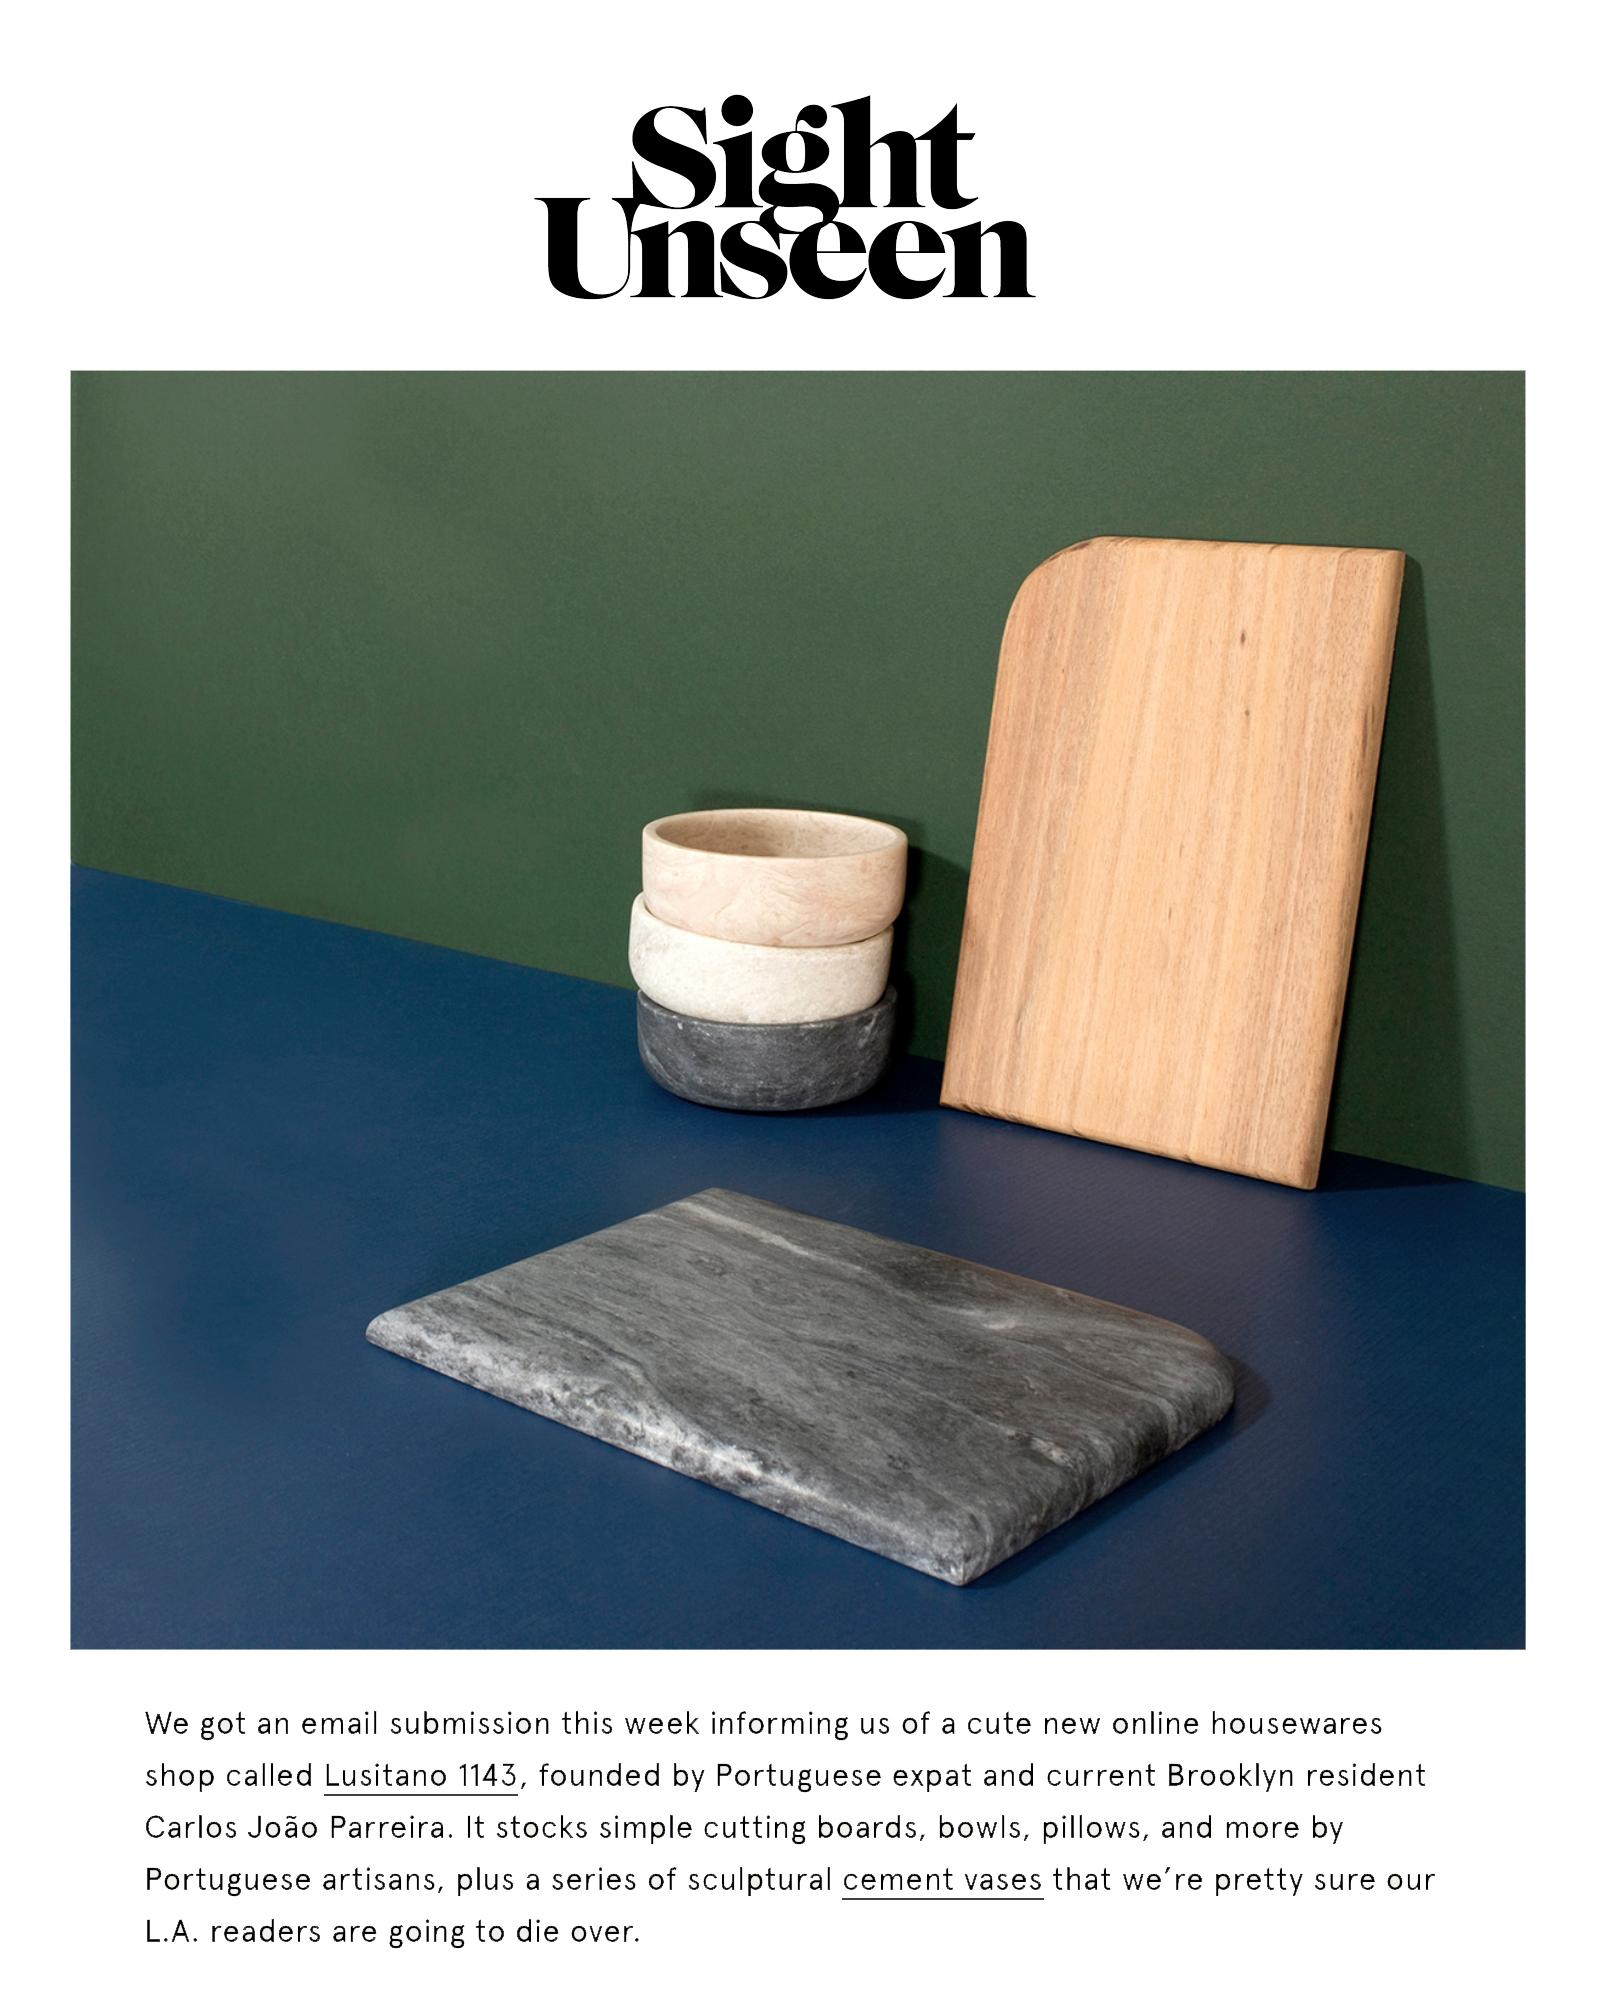 LusitanoStudio_Press_SightUNseen.jpg